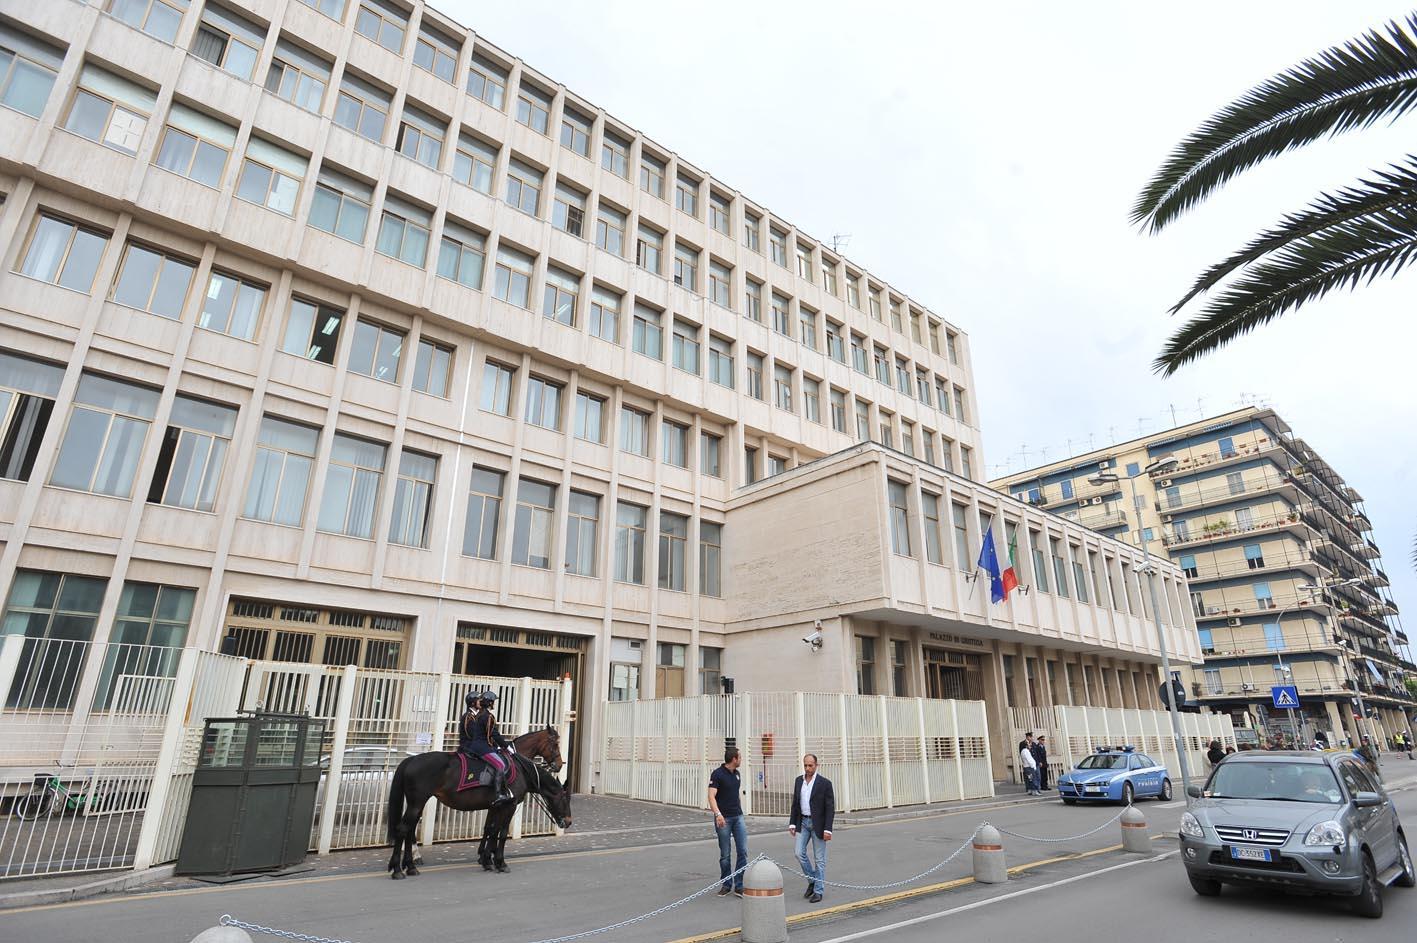 Accordo mafia-Casalesi, 9 condanne al processo di primo grado